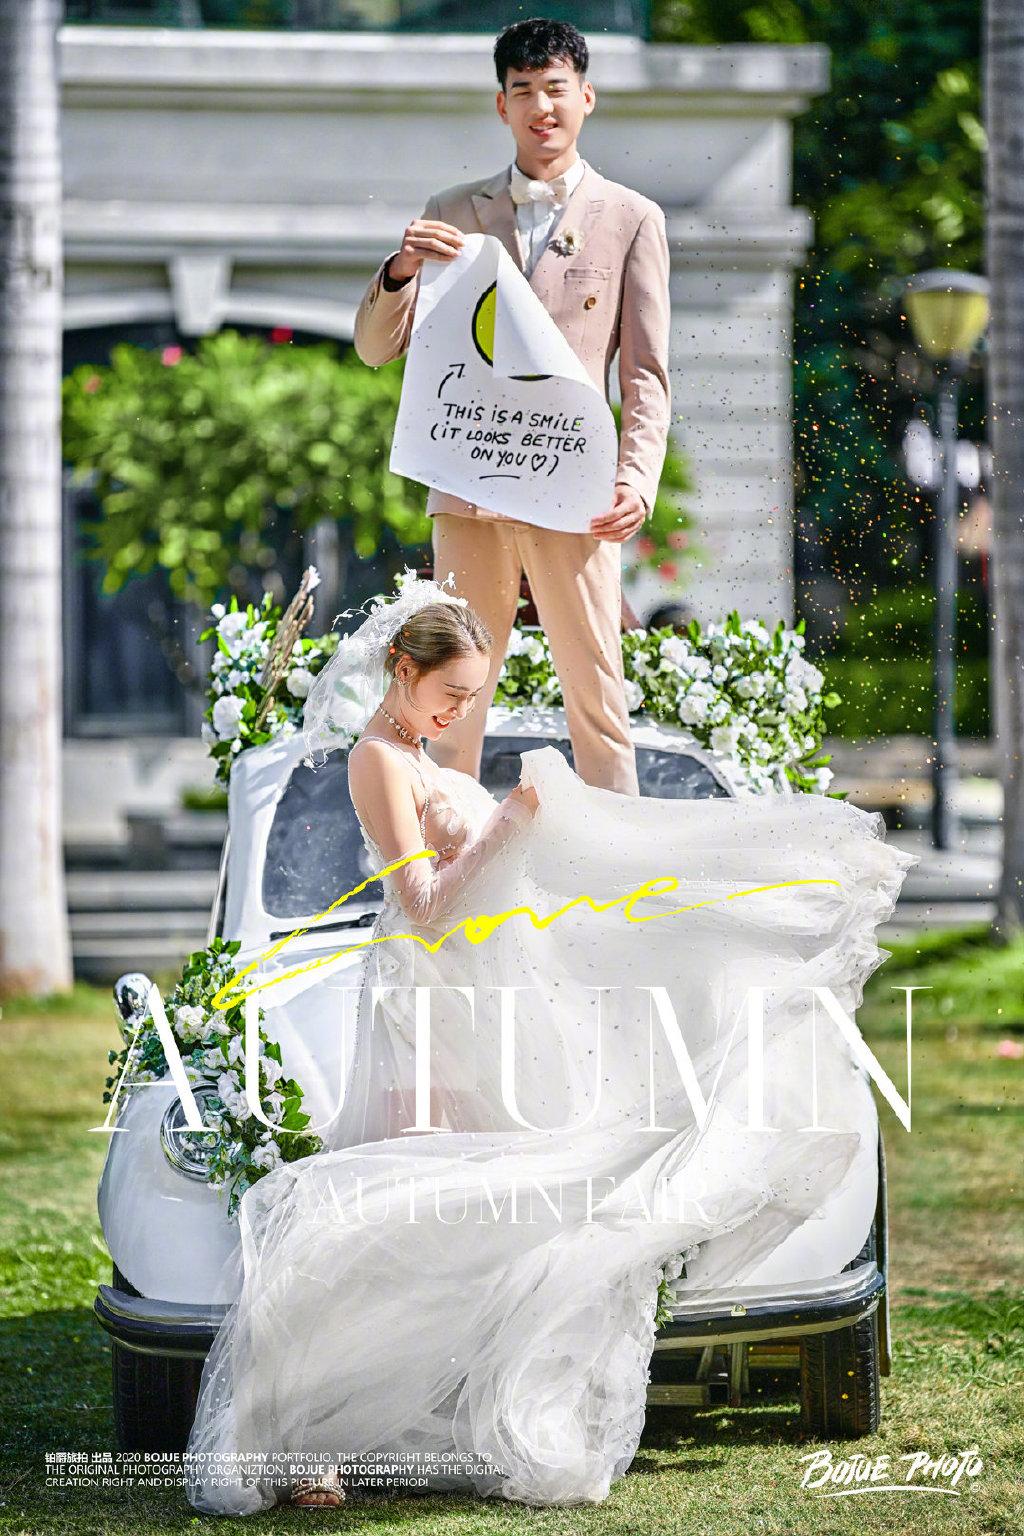 厦门旅拍婚纱摄影 一生铭记的婚纱照拍摄纪念